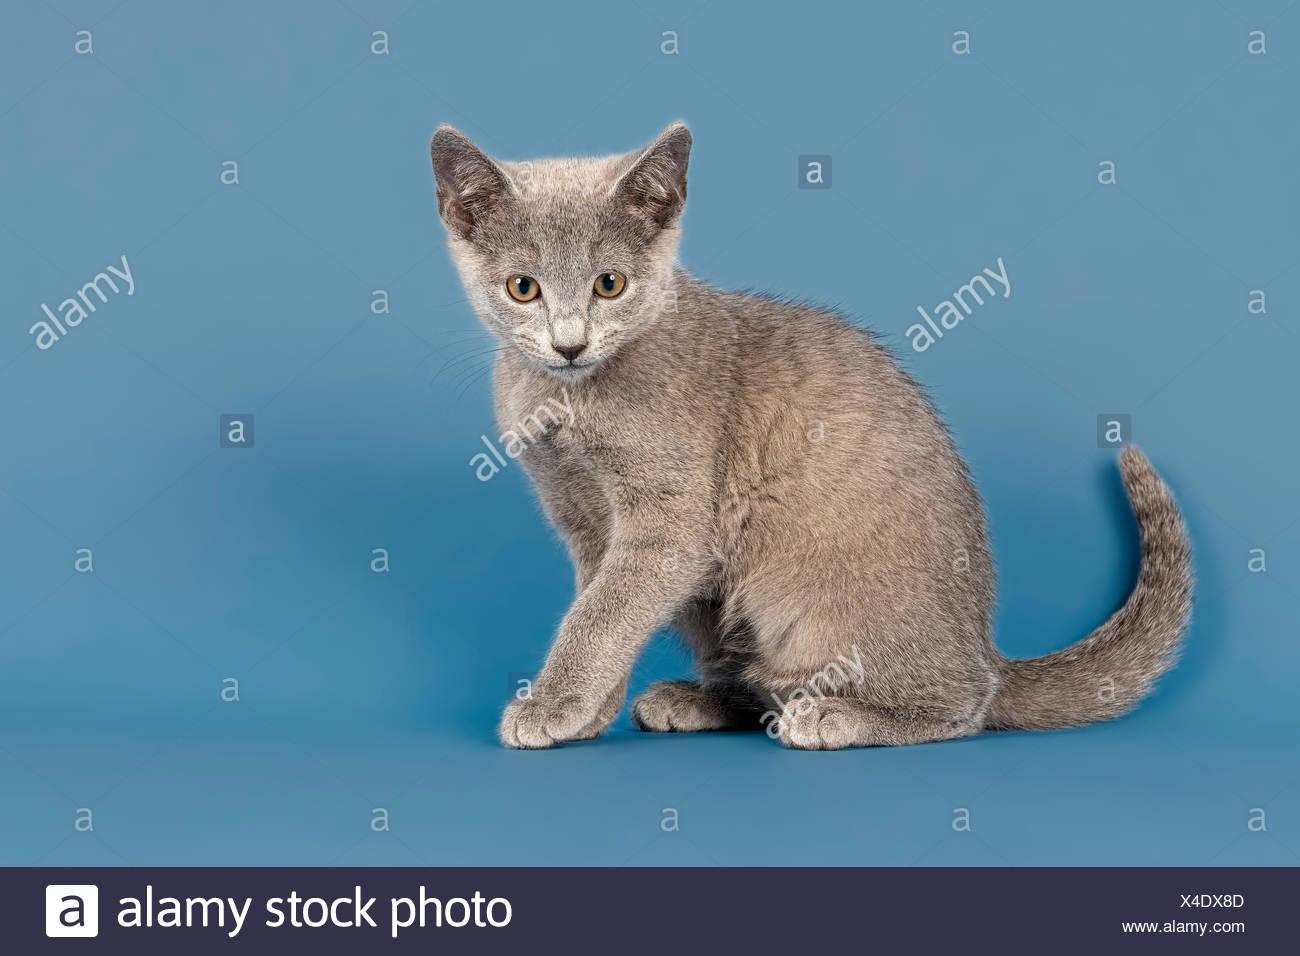 Russian Blue Kitten 10 Weeks Stock Photo Alamy